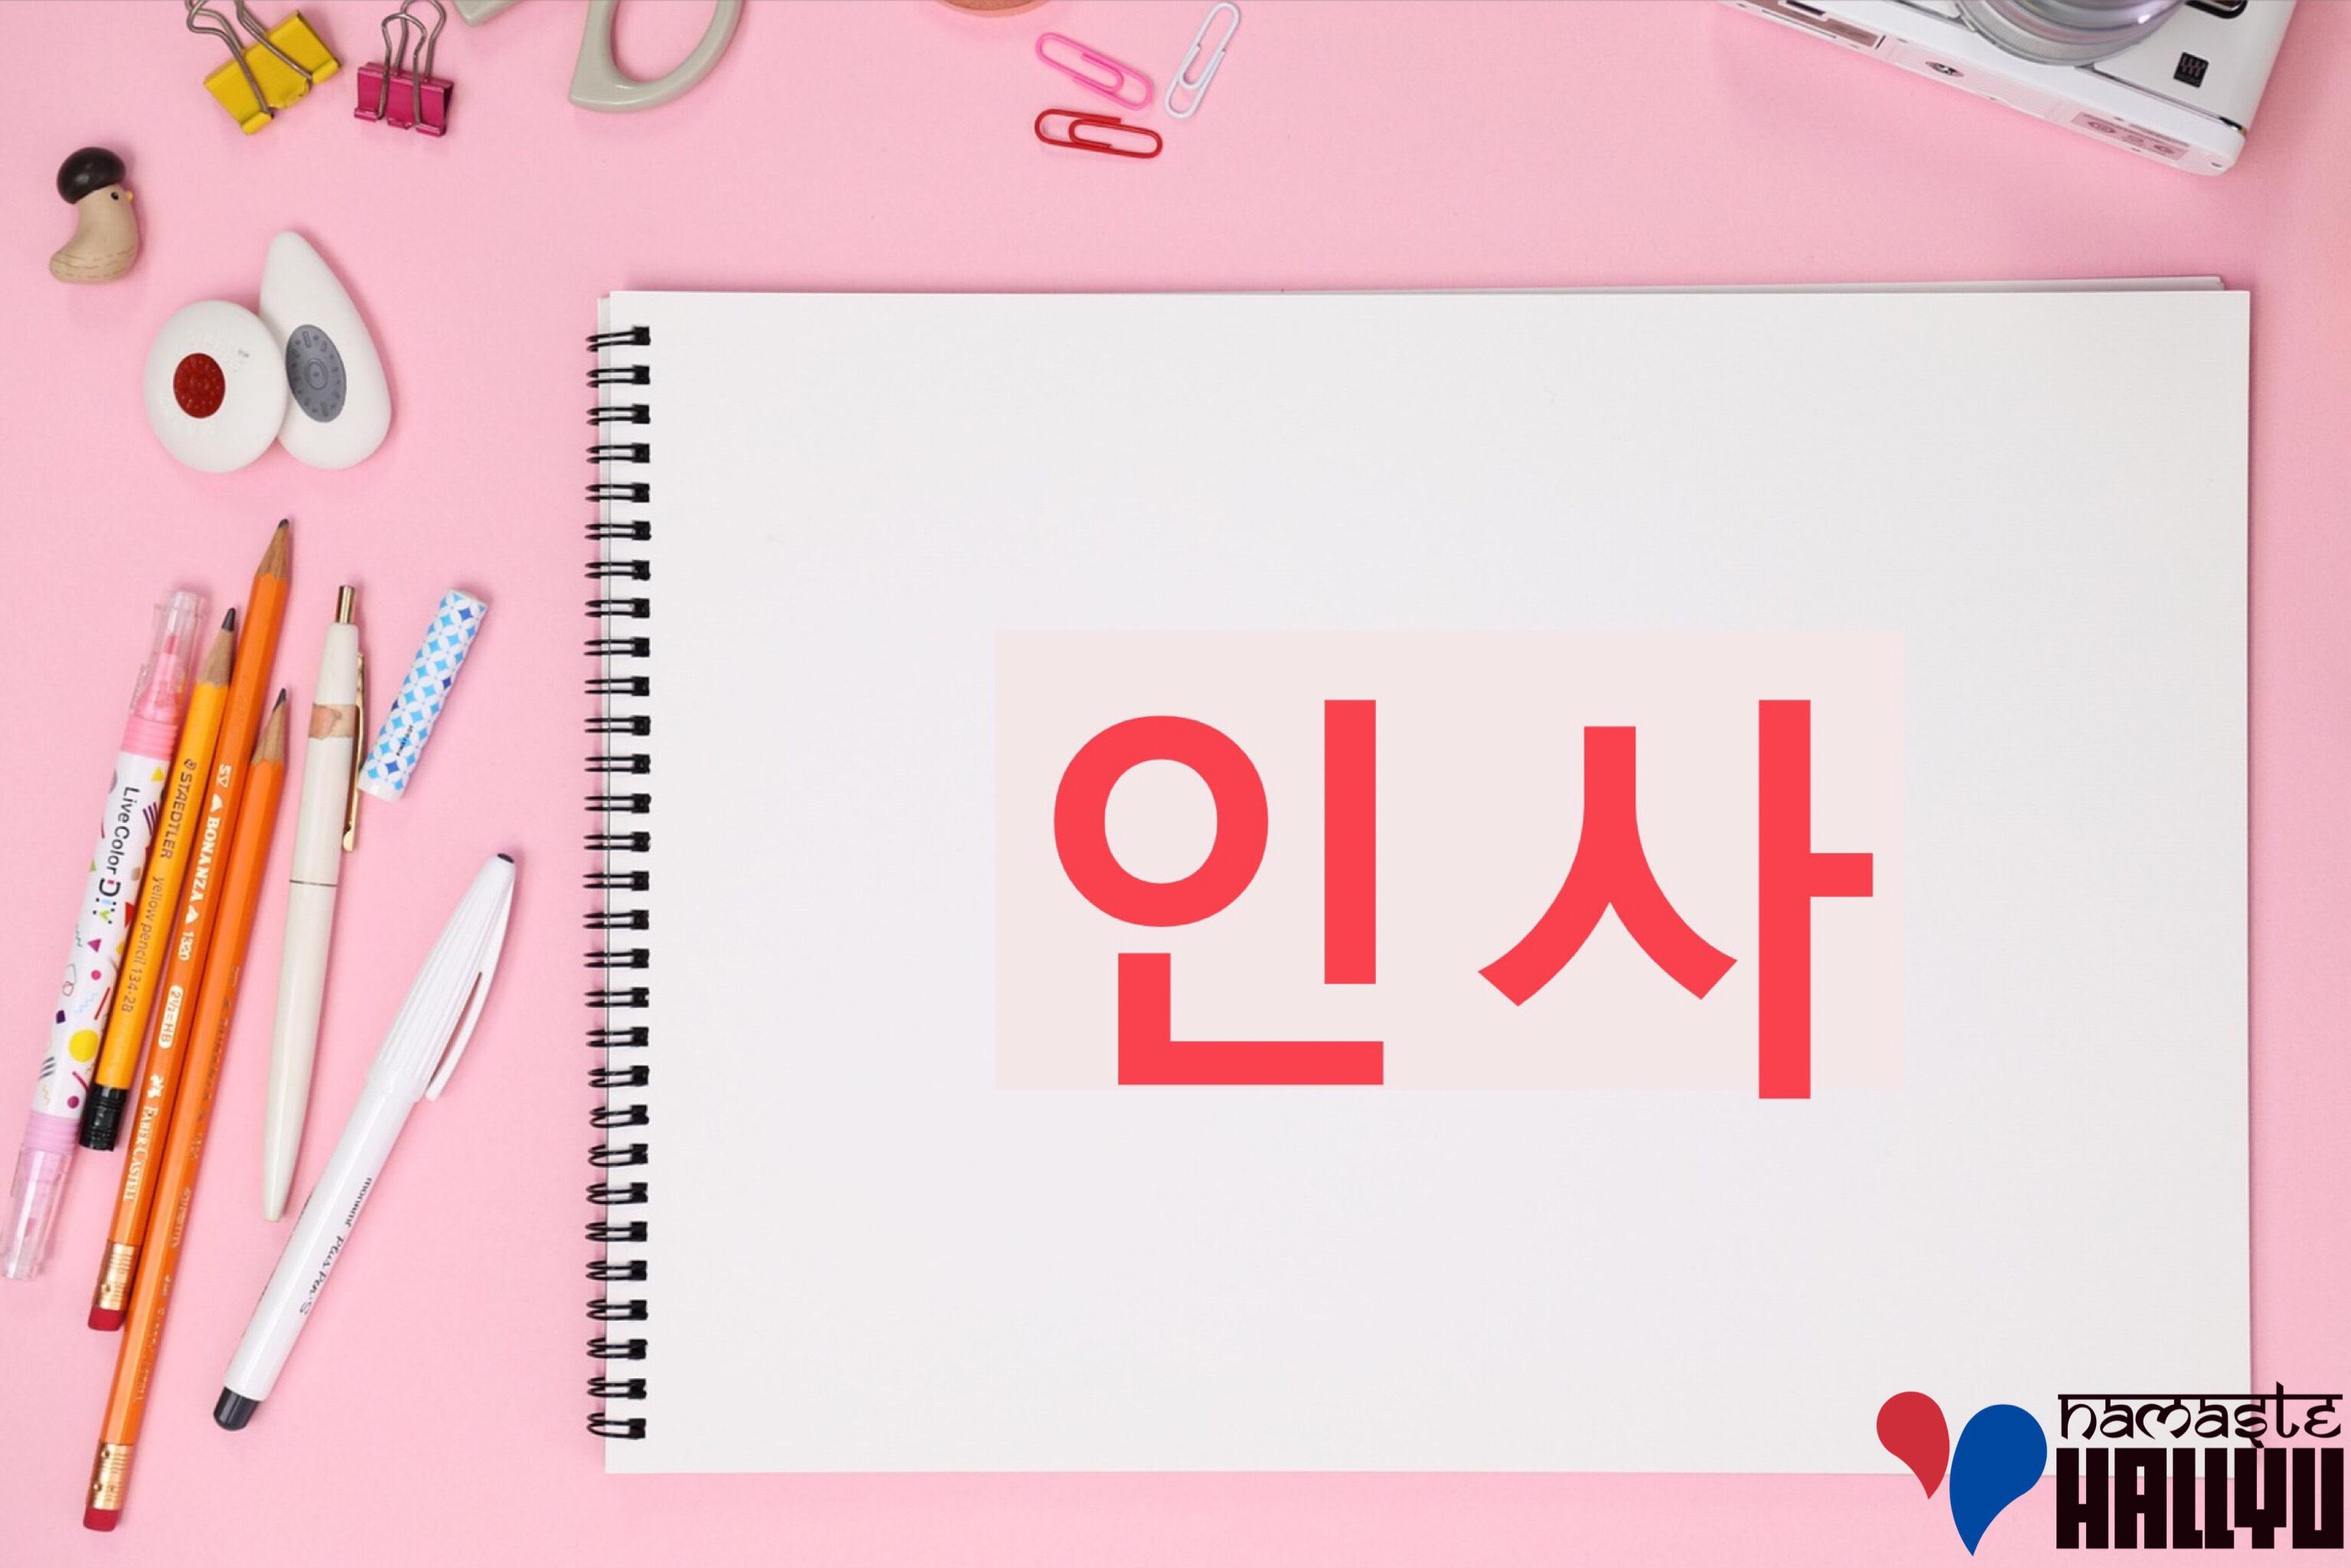 koreangreetings